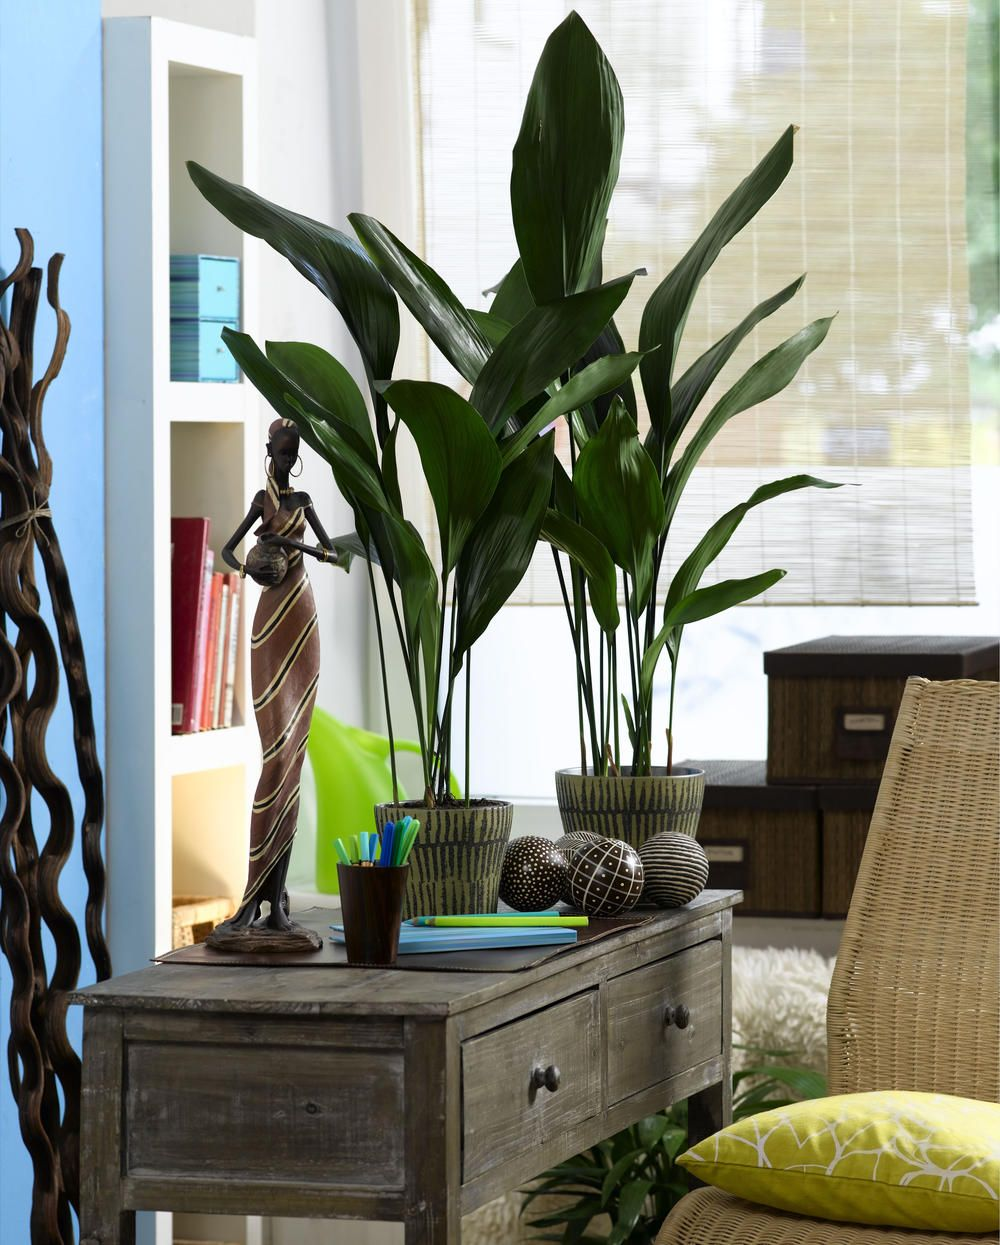 Schusterpalme metzgerpalme indoor pflanz und pflegetipps f r zimmerpflanzen - Pflegeleichte zimmerpflanzen mit bluten ...